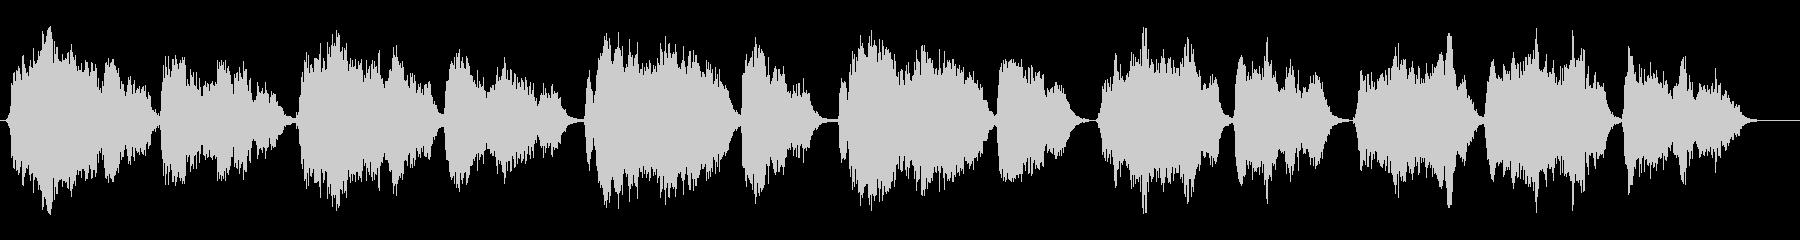 グレゴリオ聖歌 キリエⅣ 斉唱 教会音楽の未再生の波形